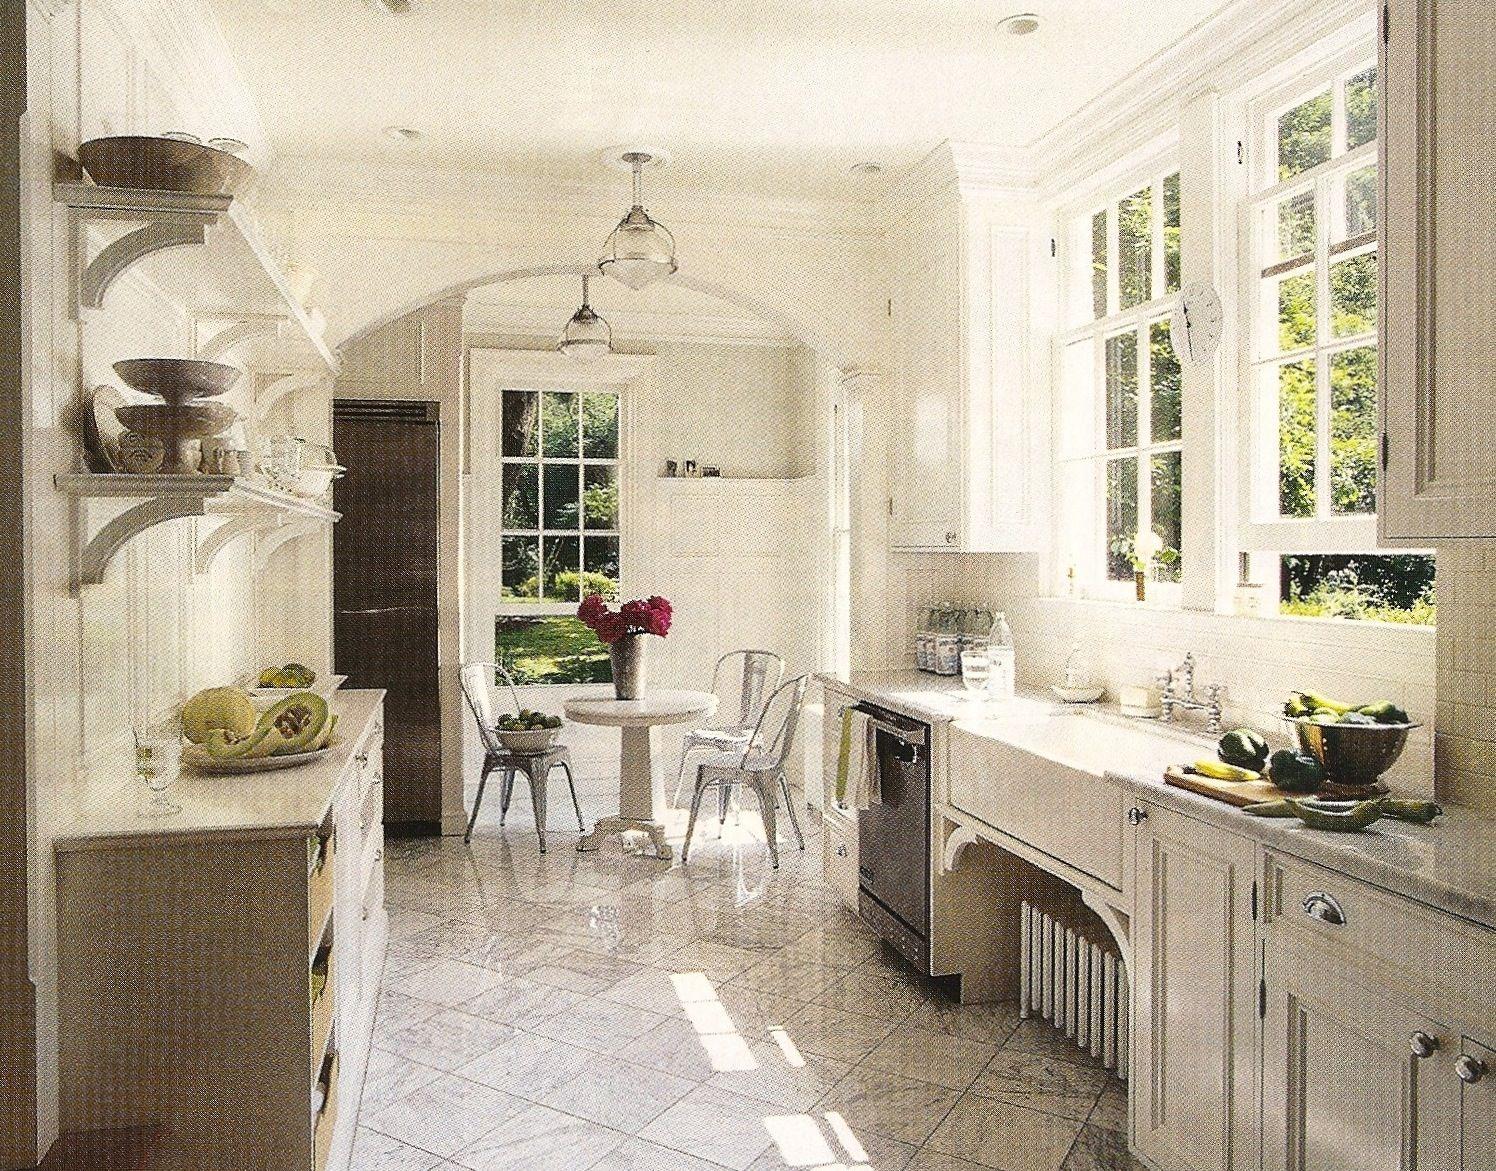 White kitchen cabinets | White kitchen inspiration ...